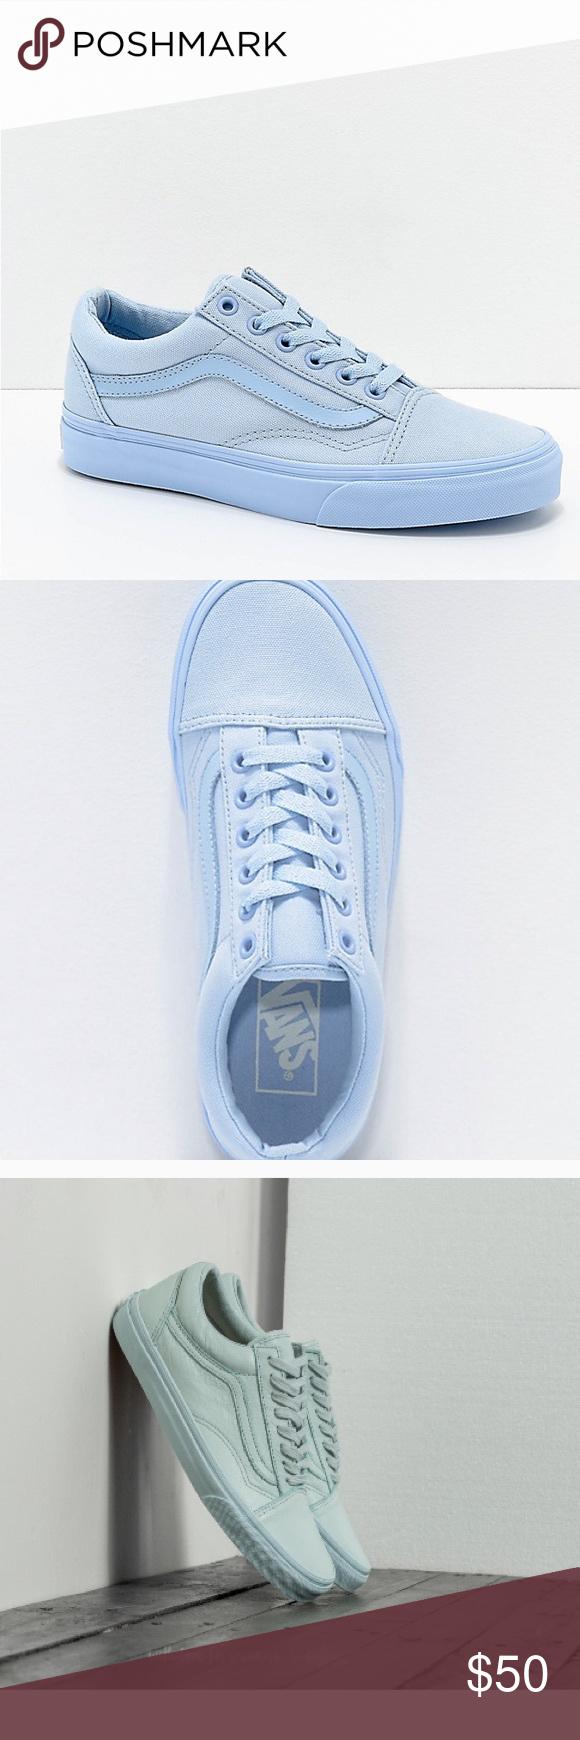 66034db1046c2e Vans old skool mono sky blue Vans old skool mono sky blue sneakers in good  condition